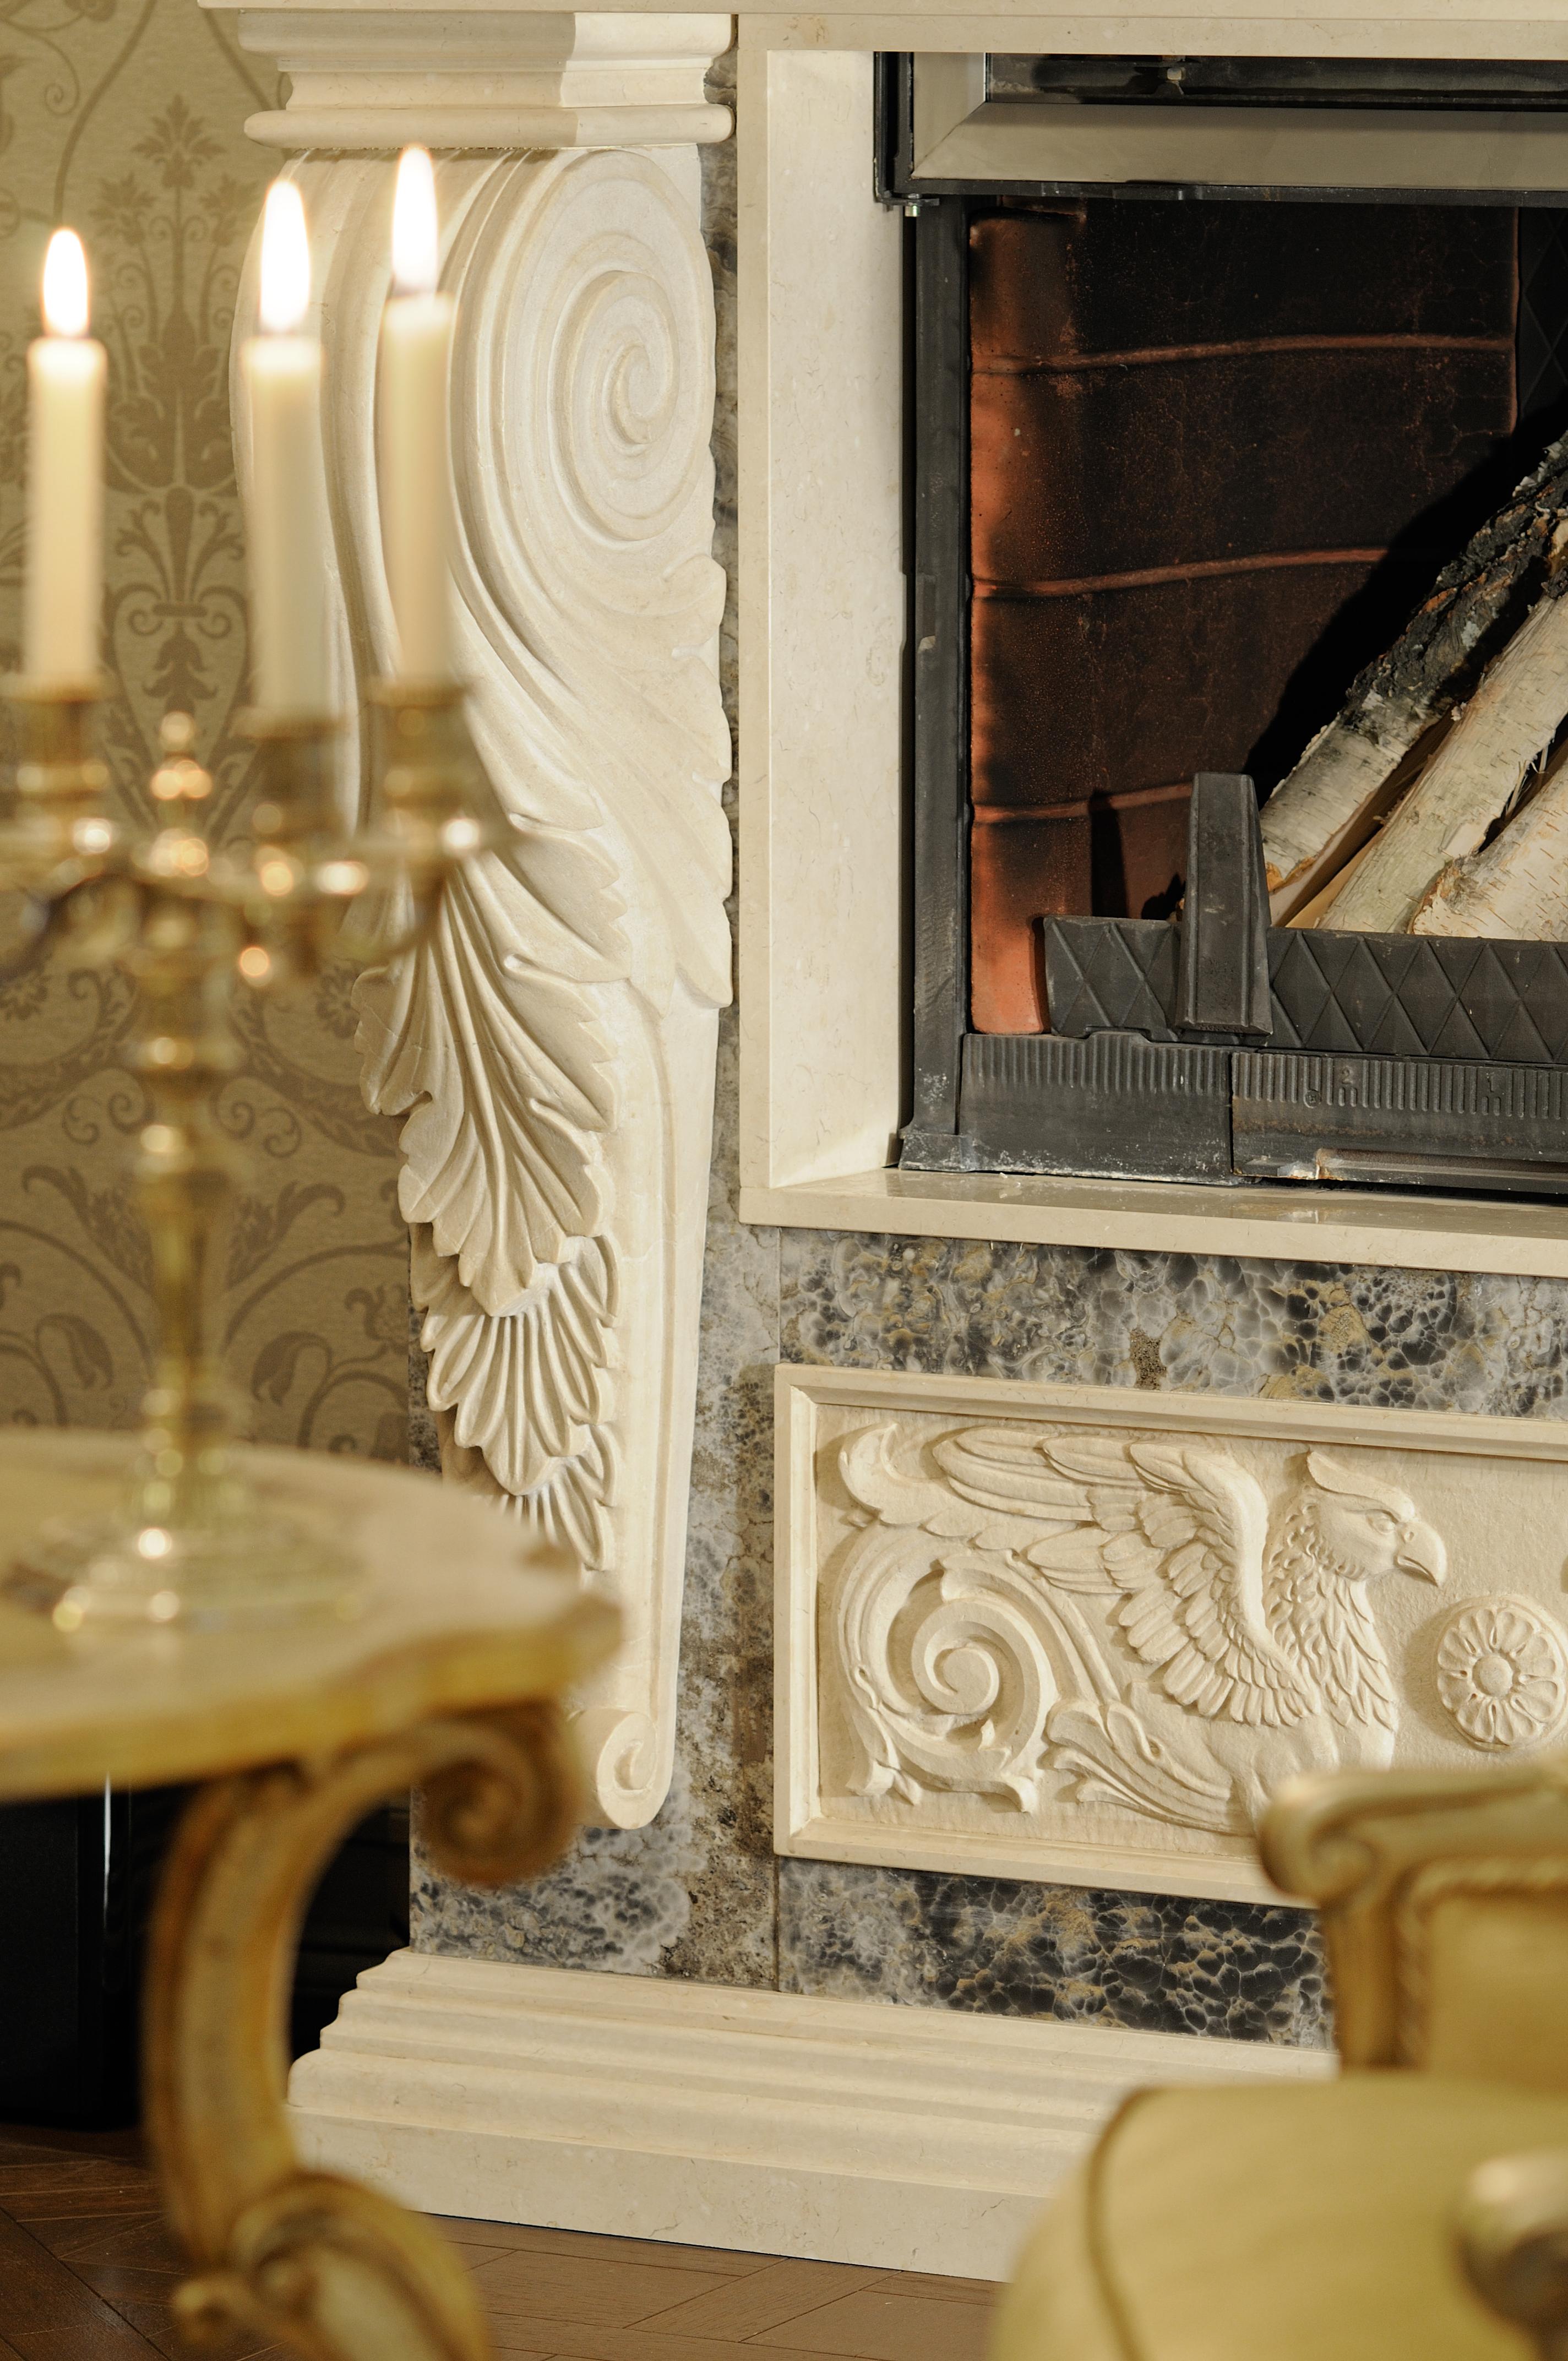 Помимо камина, это ещё и резные порталы дверей со сложными профилями, навершиями и рельефами, напоминающими о русской усадебной архитектуре XIX века.